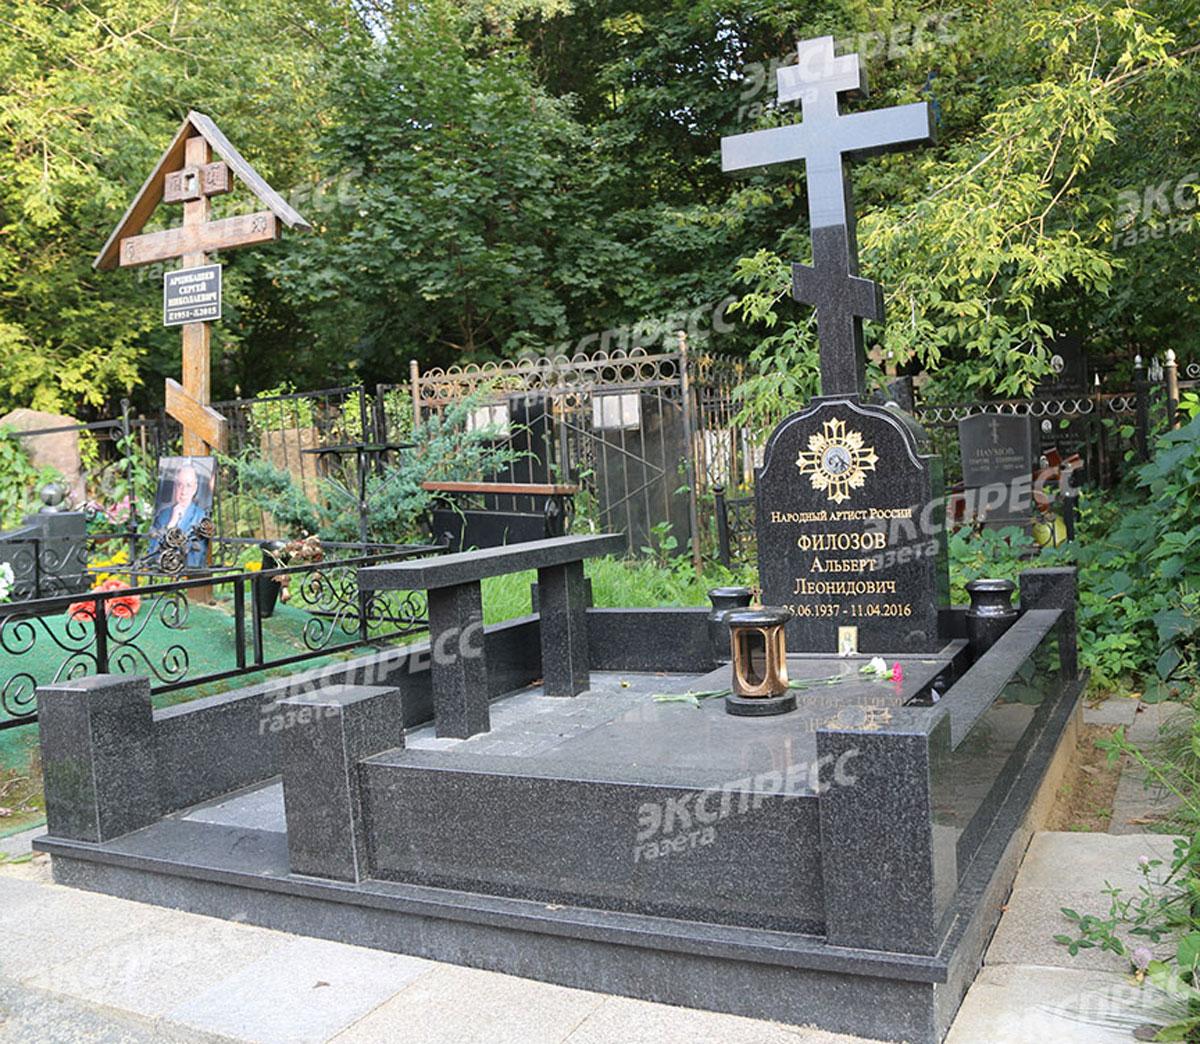 Могила Альберта Филозова. Фото: Дмитрий Лифанцев